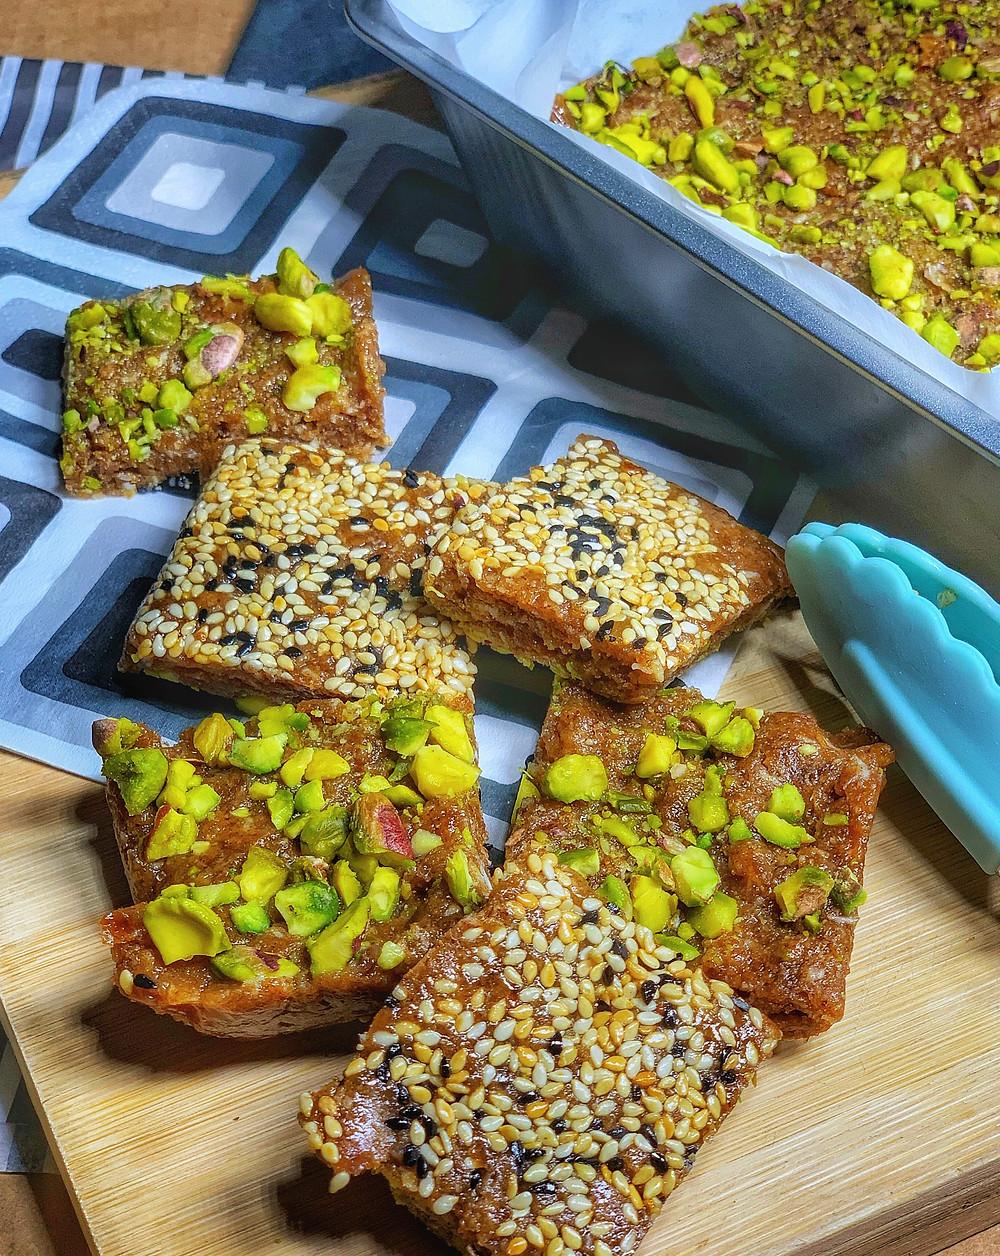 Date and Almond Butter Bar A Heathy Vegan Treat